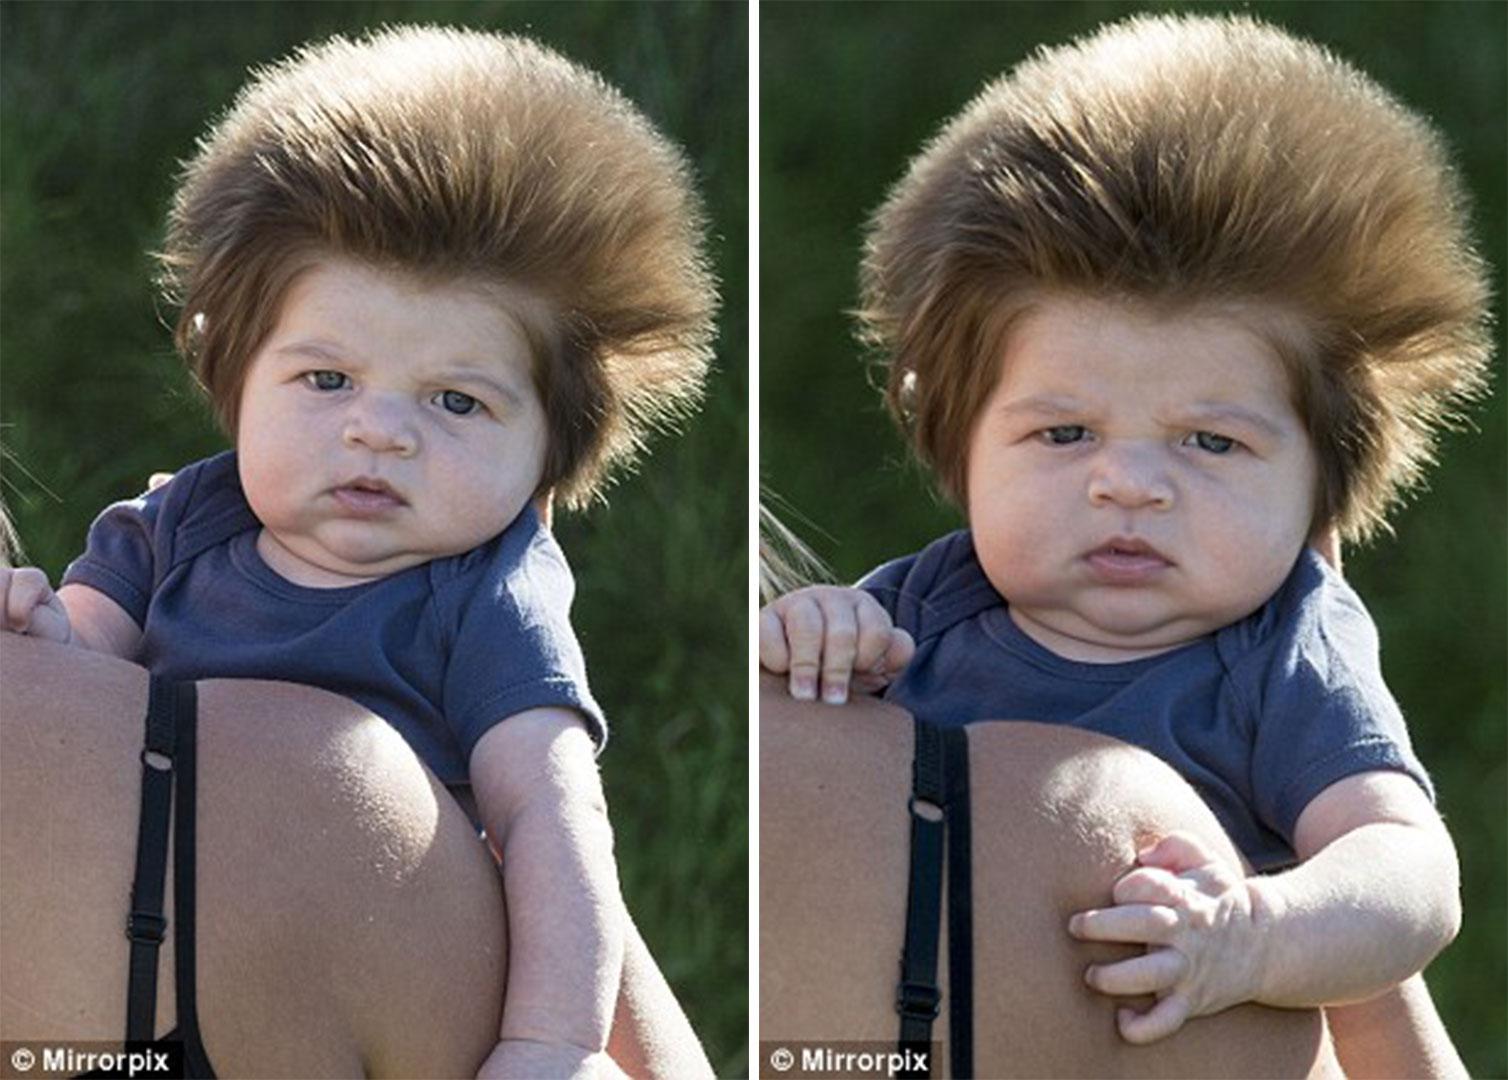 Μωρό 9 εβδομάδων με απίστευτο μαλλί (7)